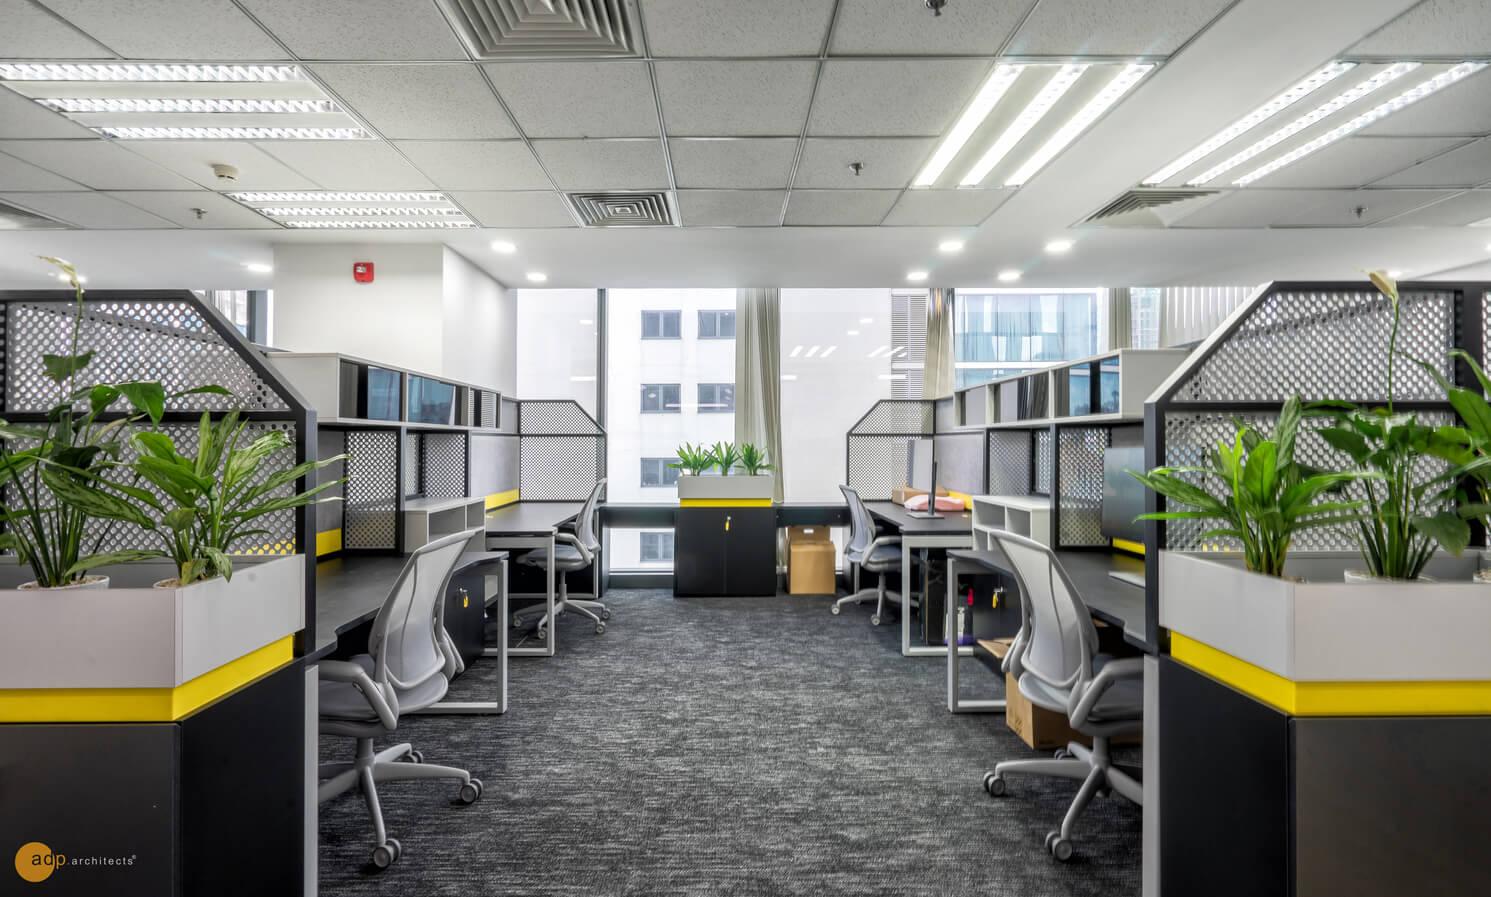 Thiết kế văn phòng làm việc đẹp với nhiều không gian xanh